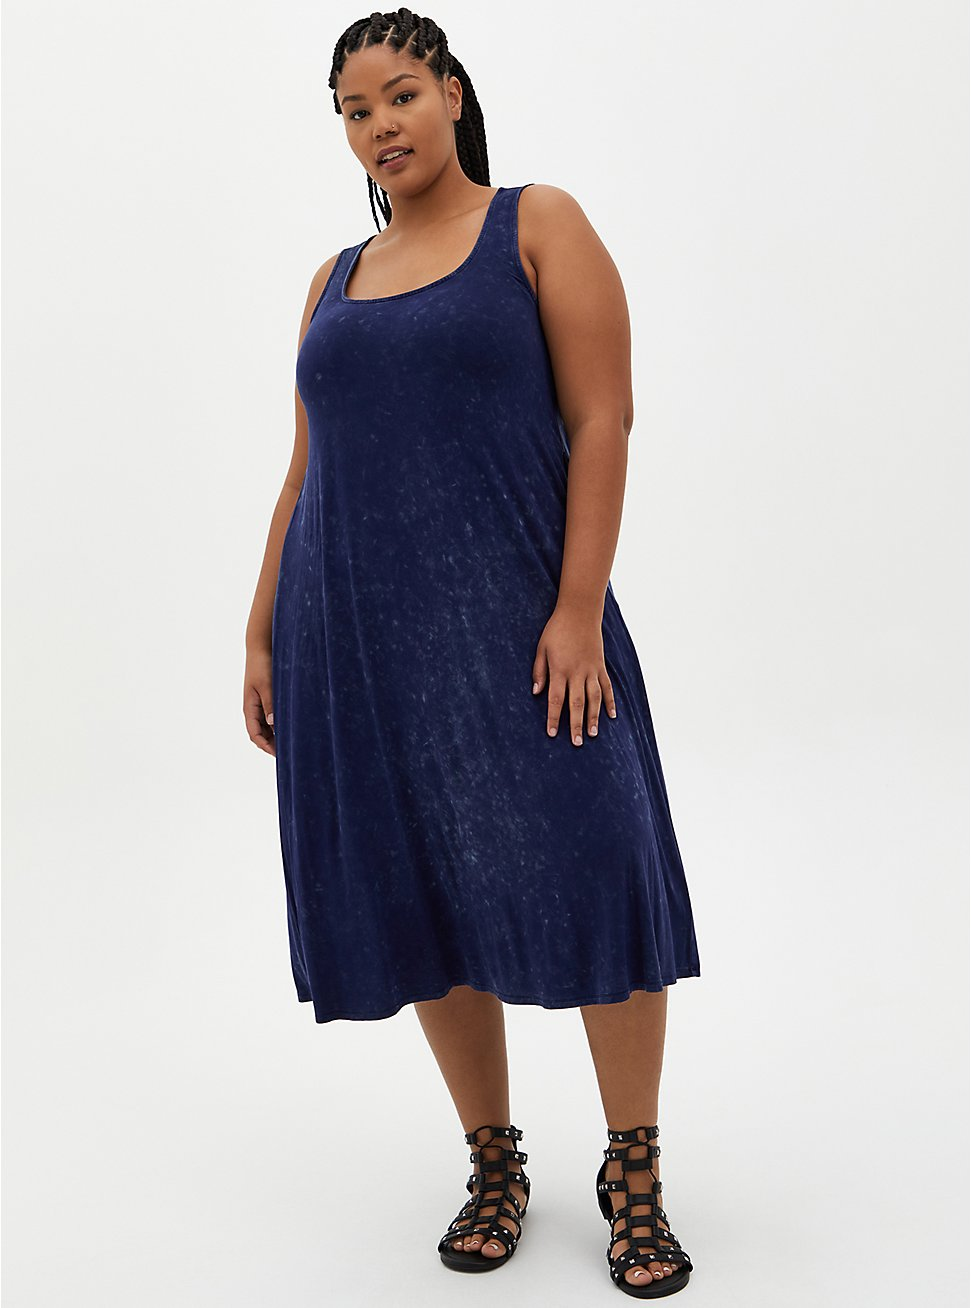 Navy Wash Super Soft Midi Dress , TIE DYE-NAVY, hi-res